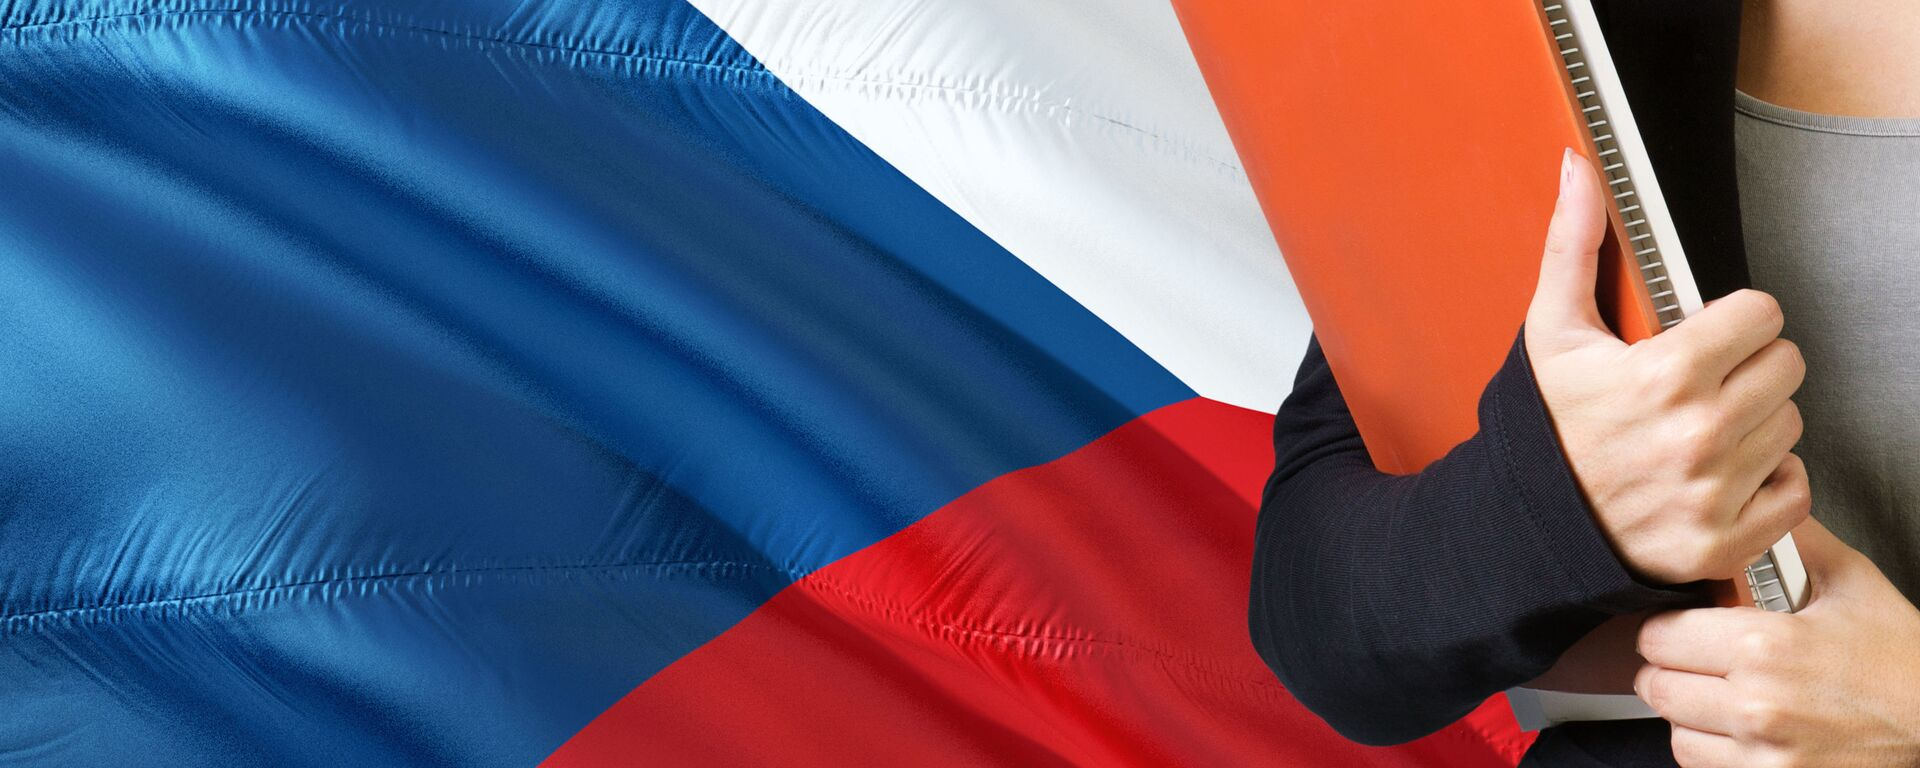 Česká vlajka. Ilustrační foto - Sputnik Česká republika, 1920, 15.06.2021